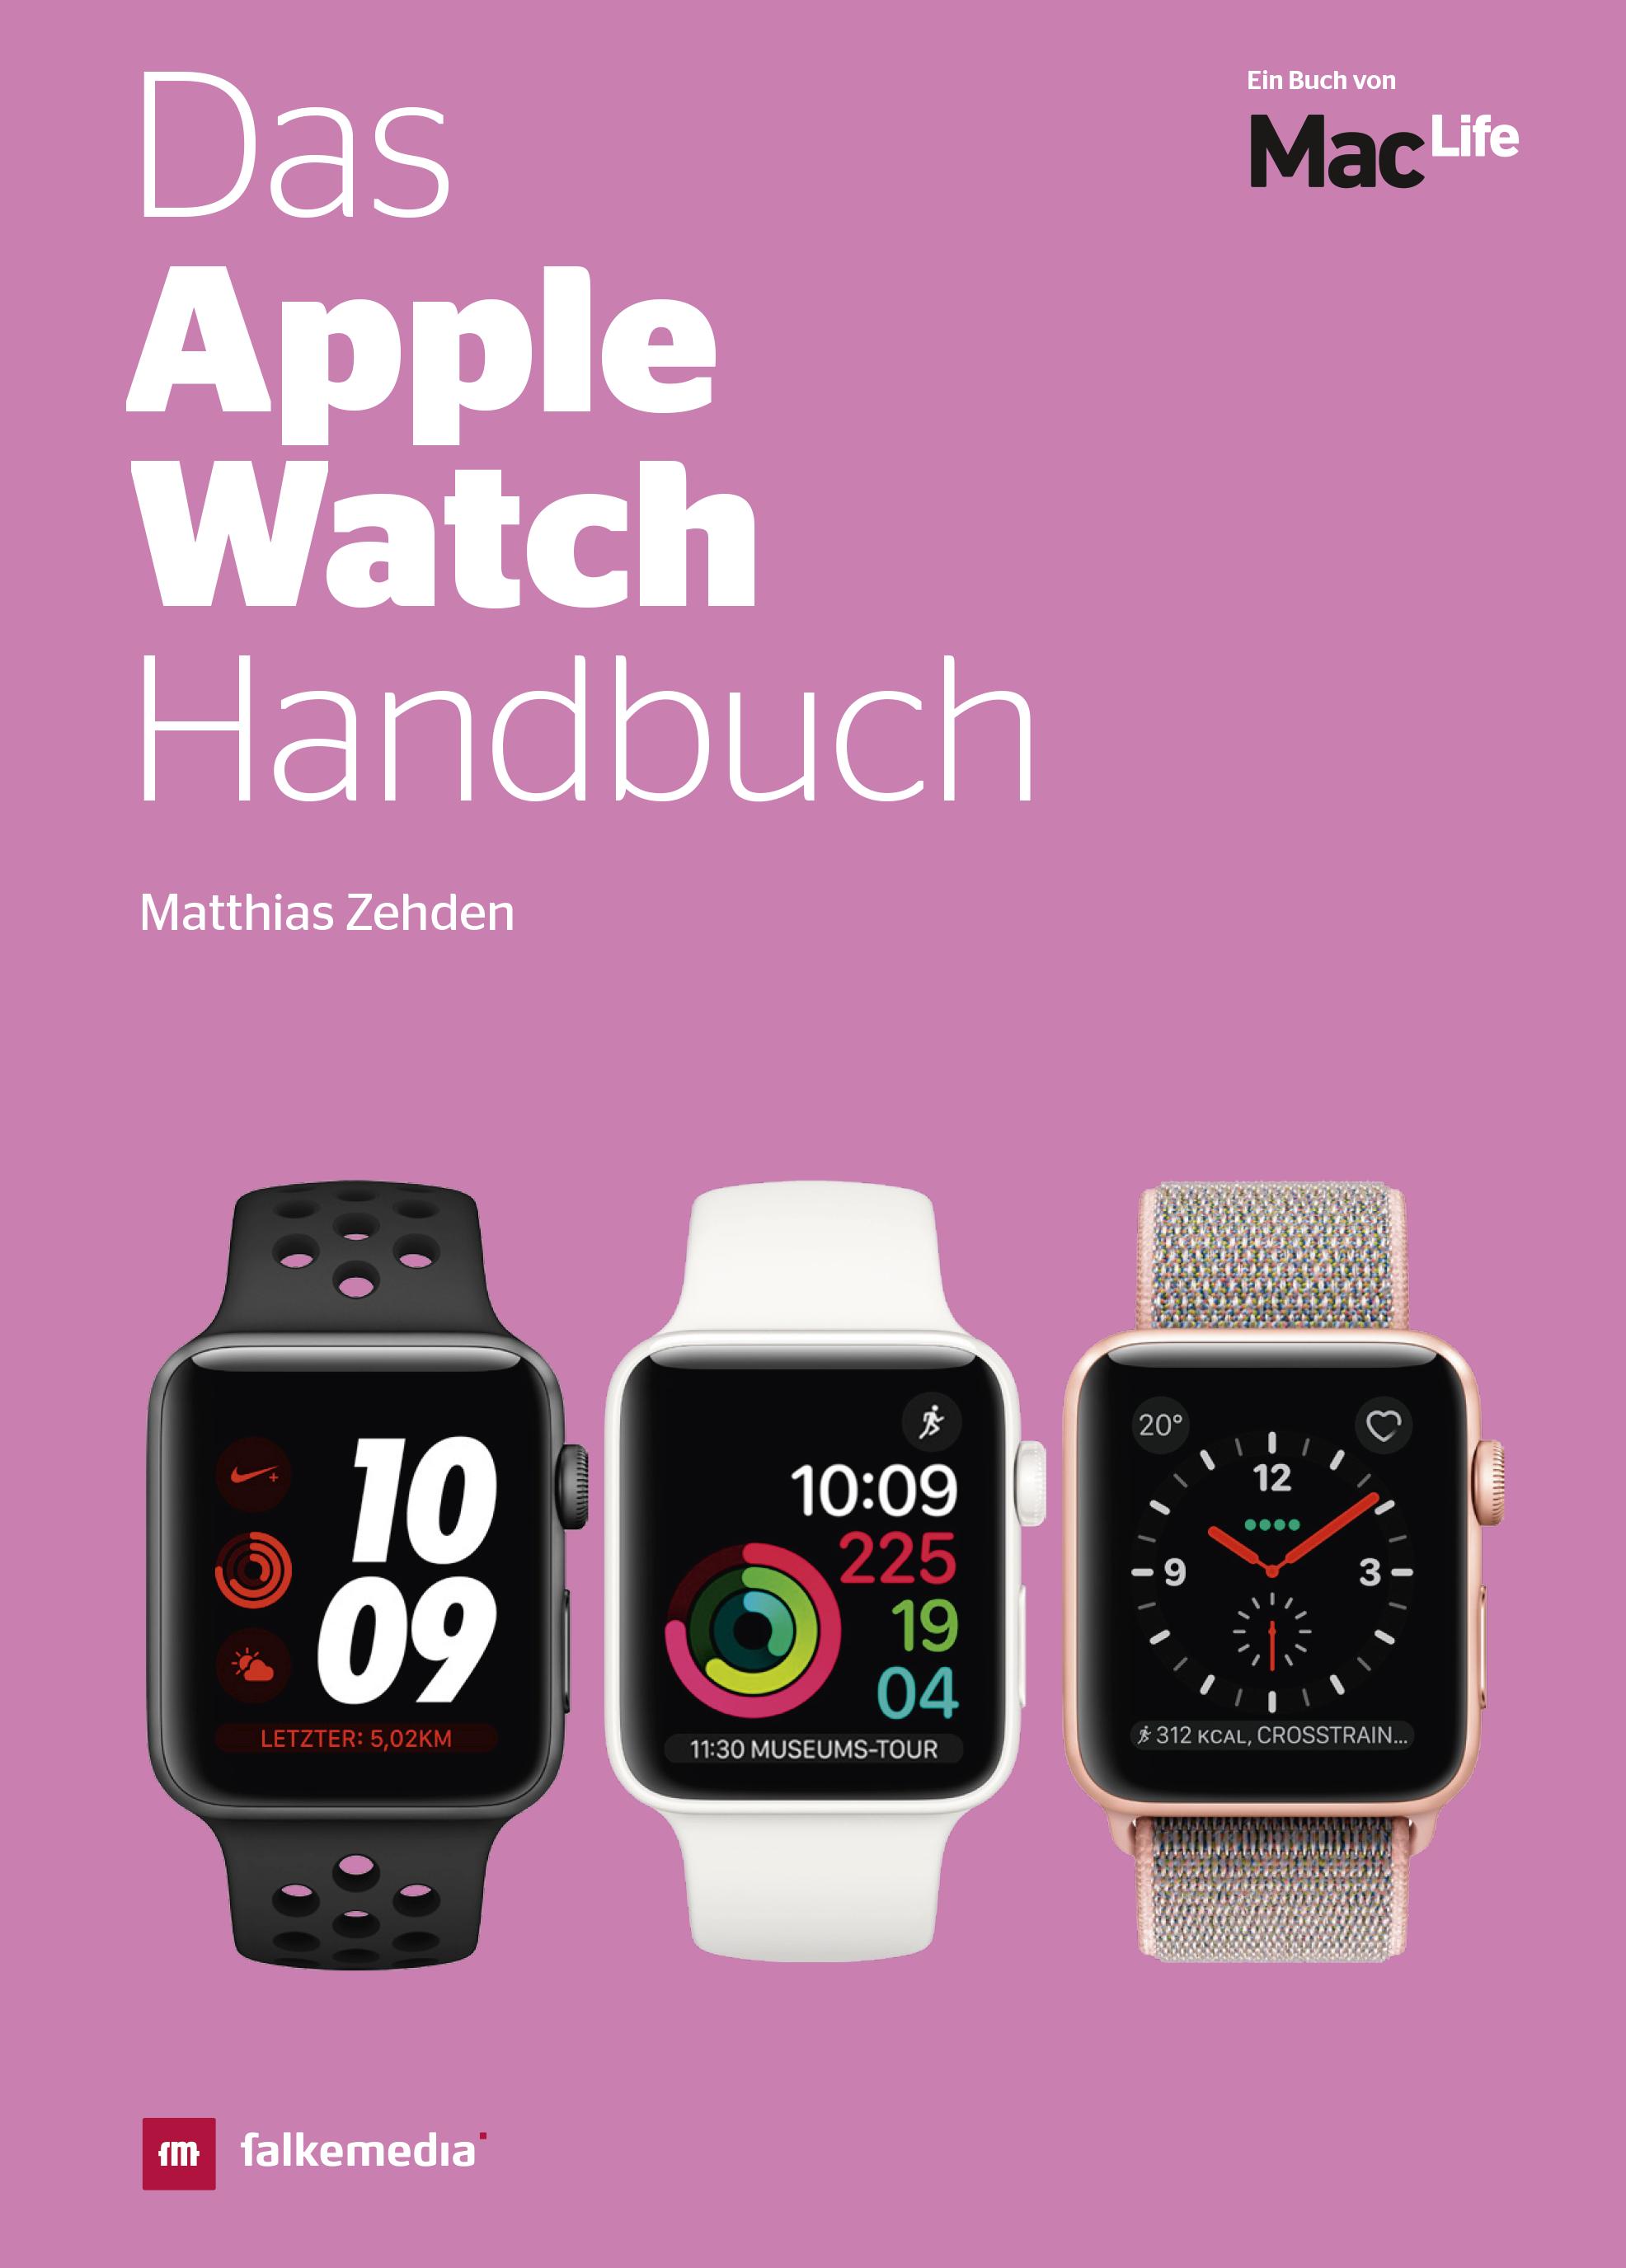 Das Apple Watch Handbuch 2019